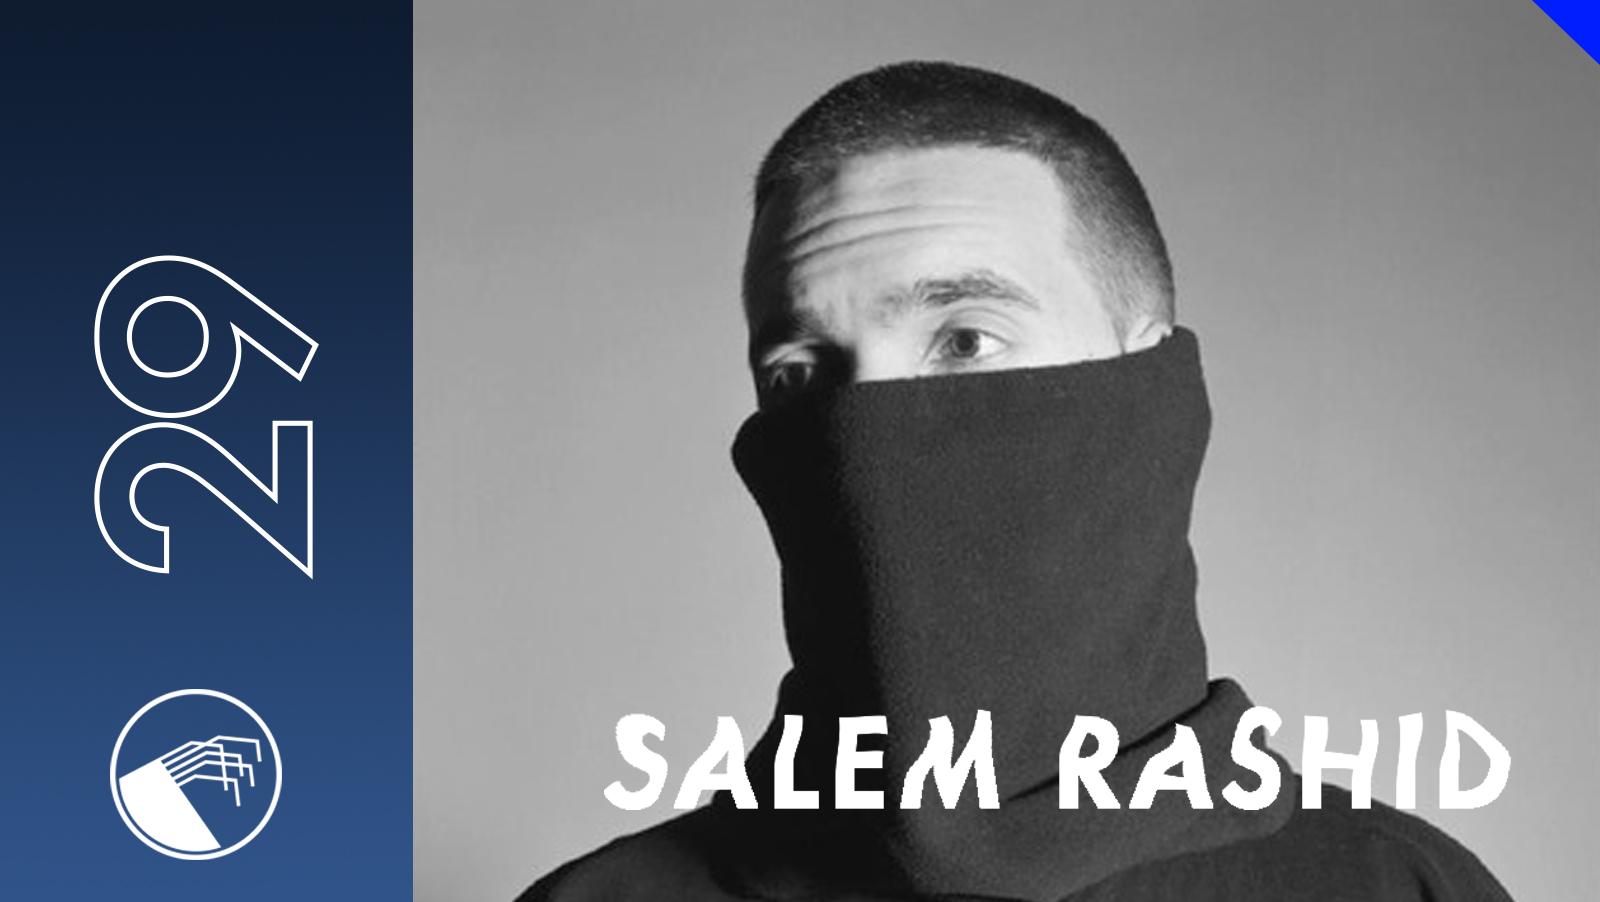 029 Salem Rashid